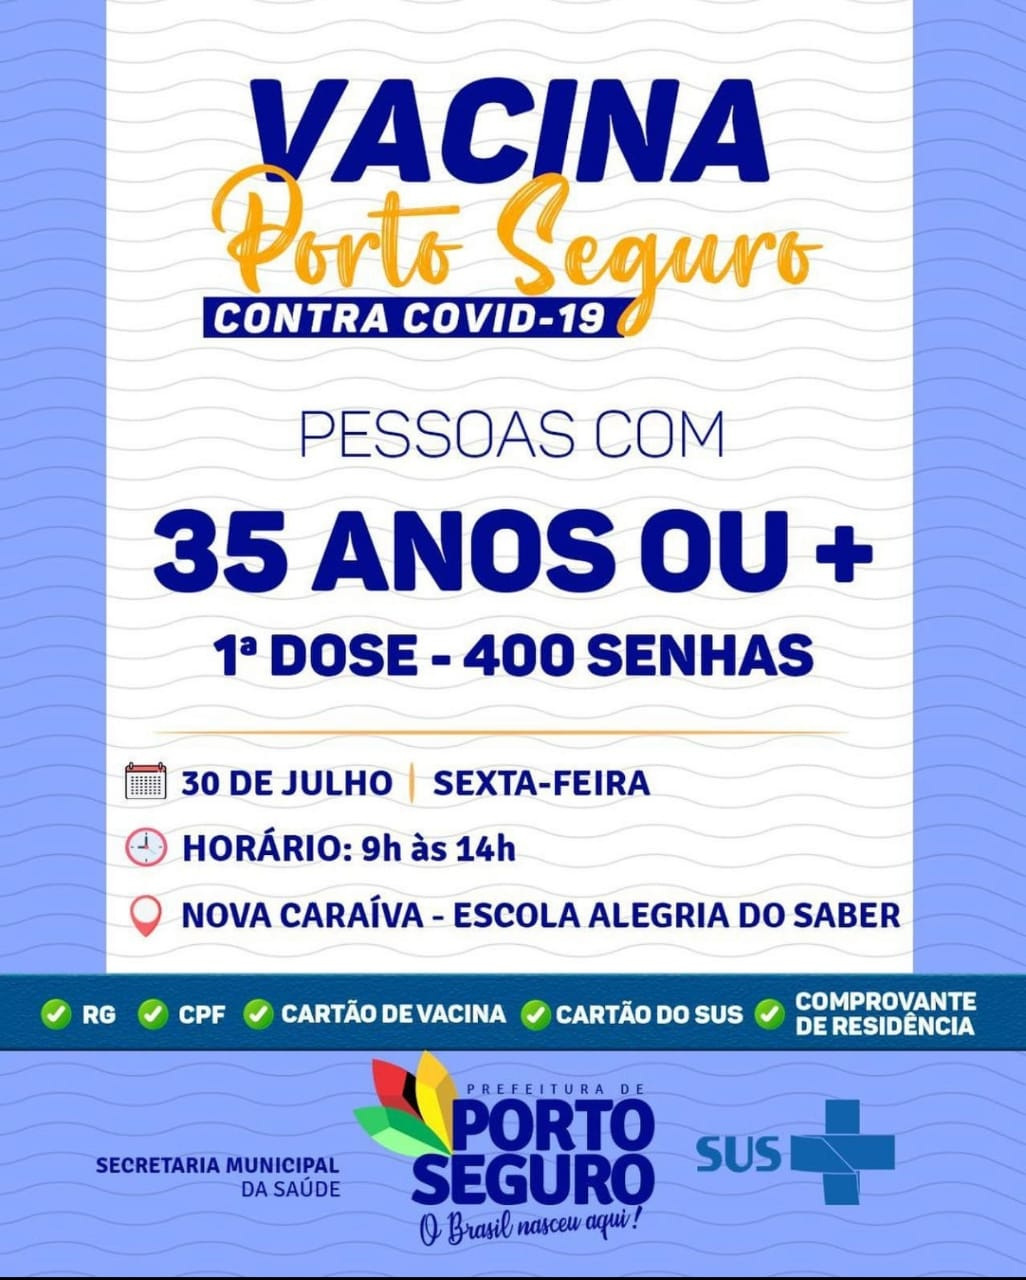 Vacina Porto Seguro contra Covid-19; cronograma de vacinação de 30 a 31 de julho 27